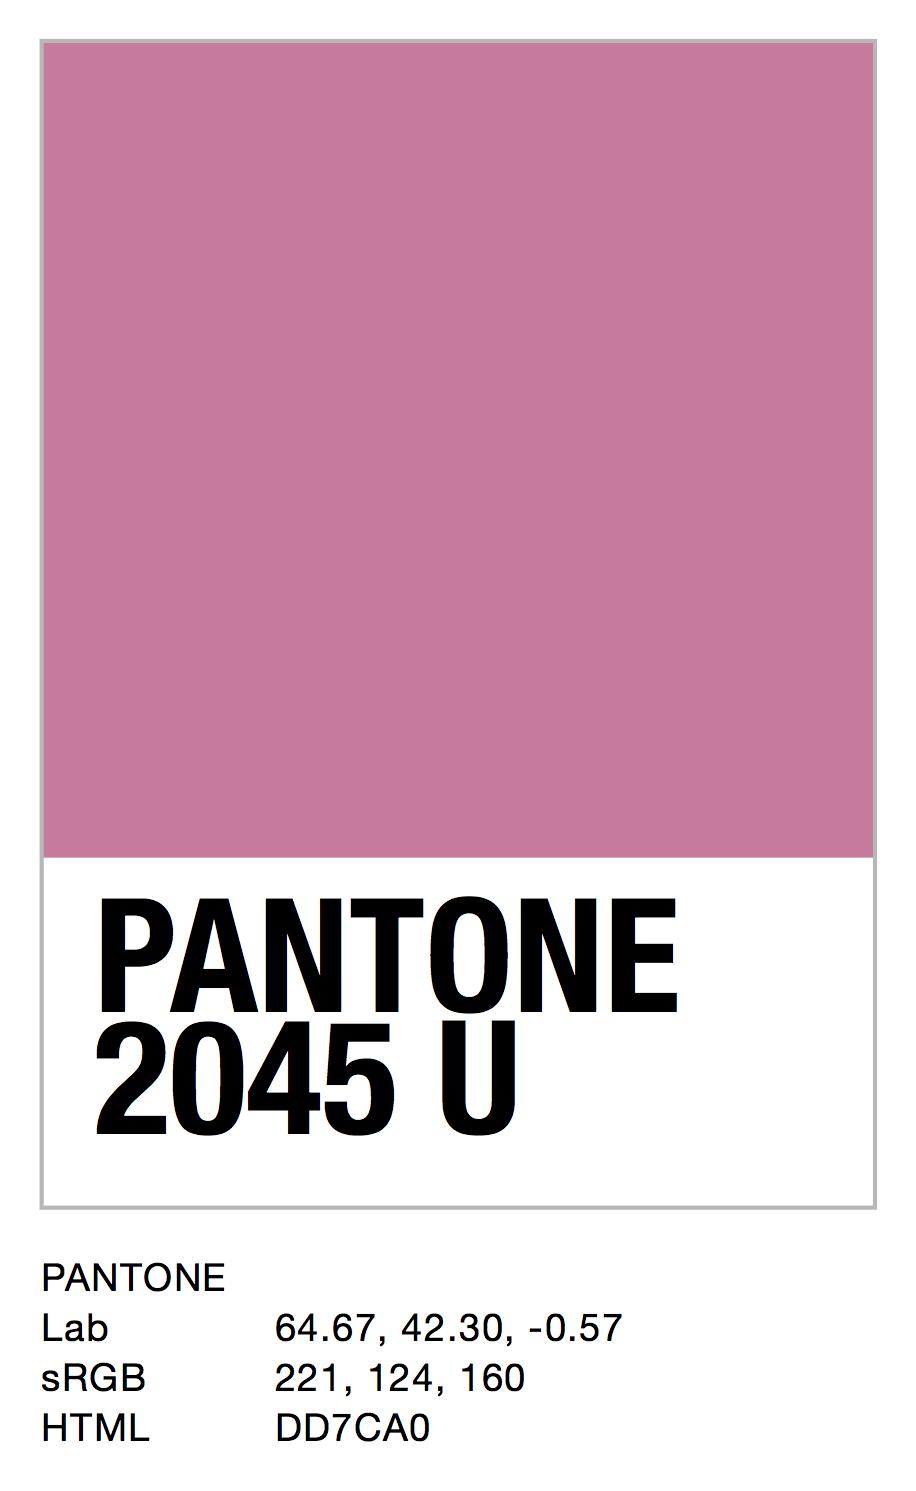 PANTONE 2045 U.jpg